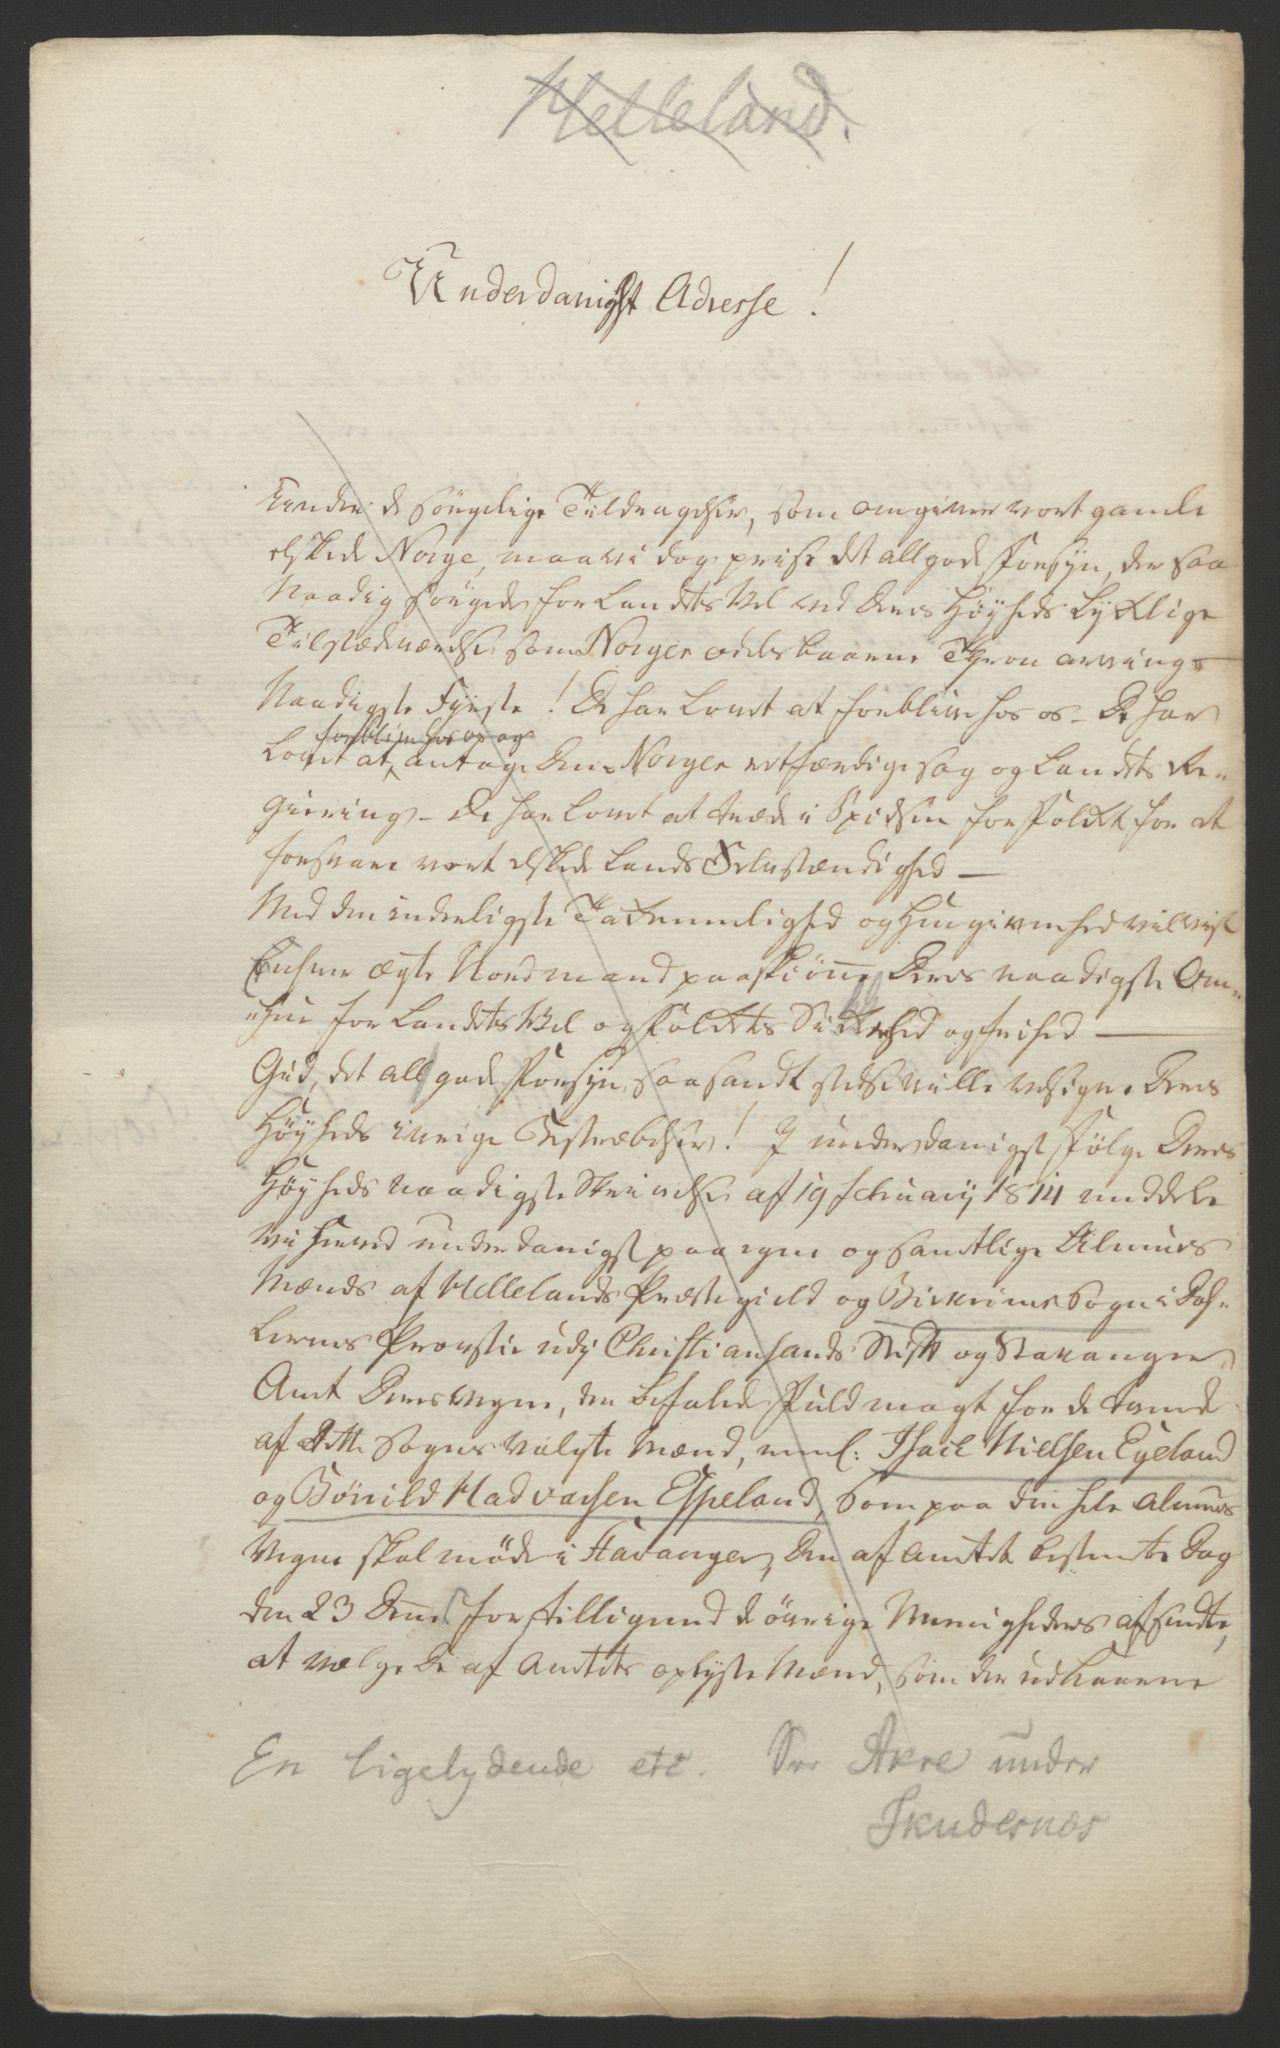 RA, Statsrådssekretariatet, D/Db/L0008: Fullmakter for Eidsvollsrepresentantene i 1814. , 1814, s. 225